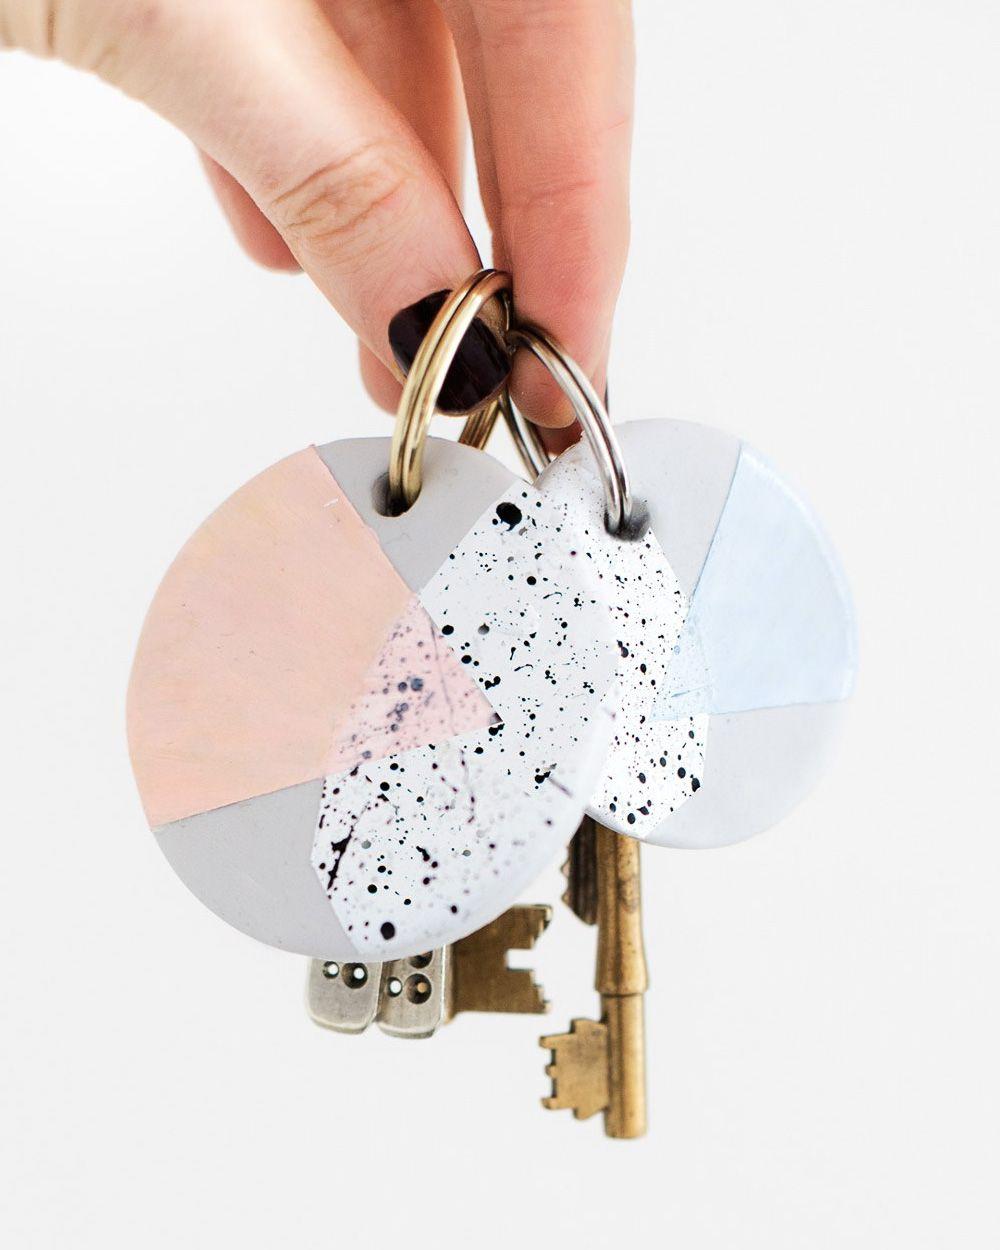 Un porte cl diy diy bijoux jewelry diy diy porte cl s fimo et bricolage - Porte cle diy ...